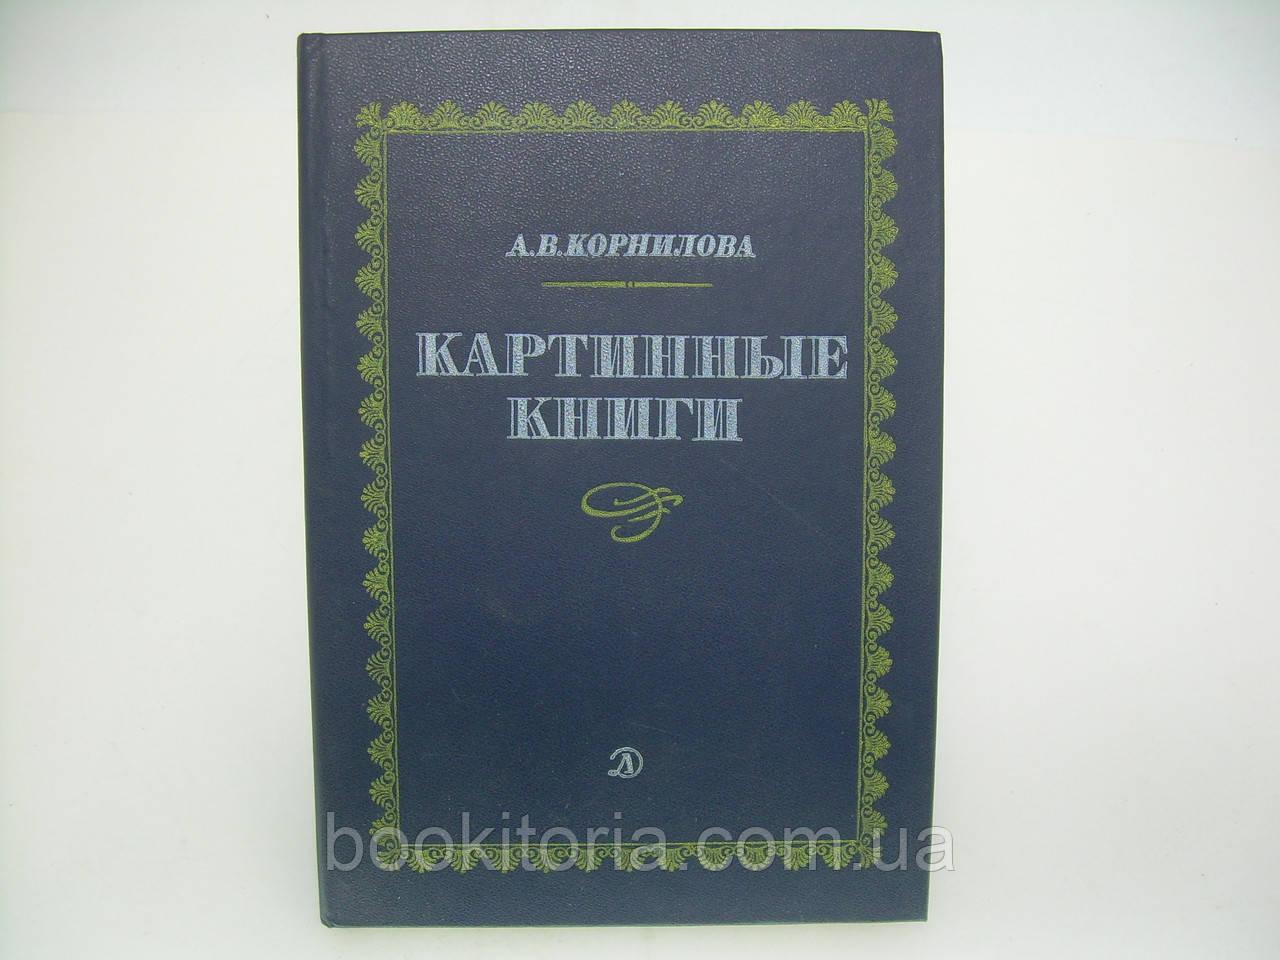 Корнилова А.В. Картинные книги. Очерки (б/у).